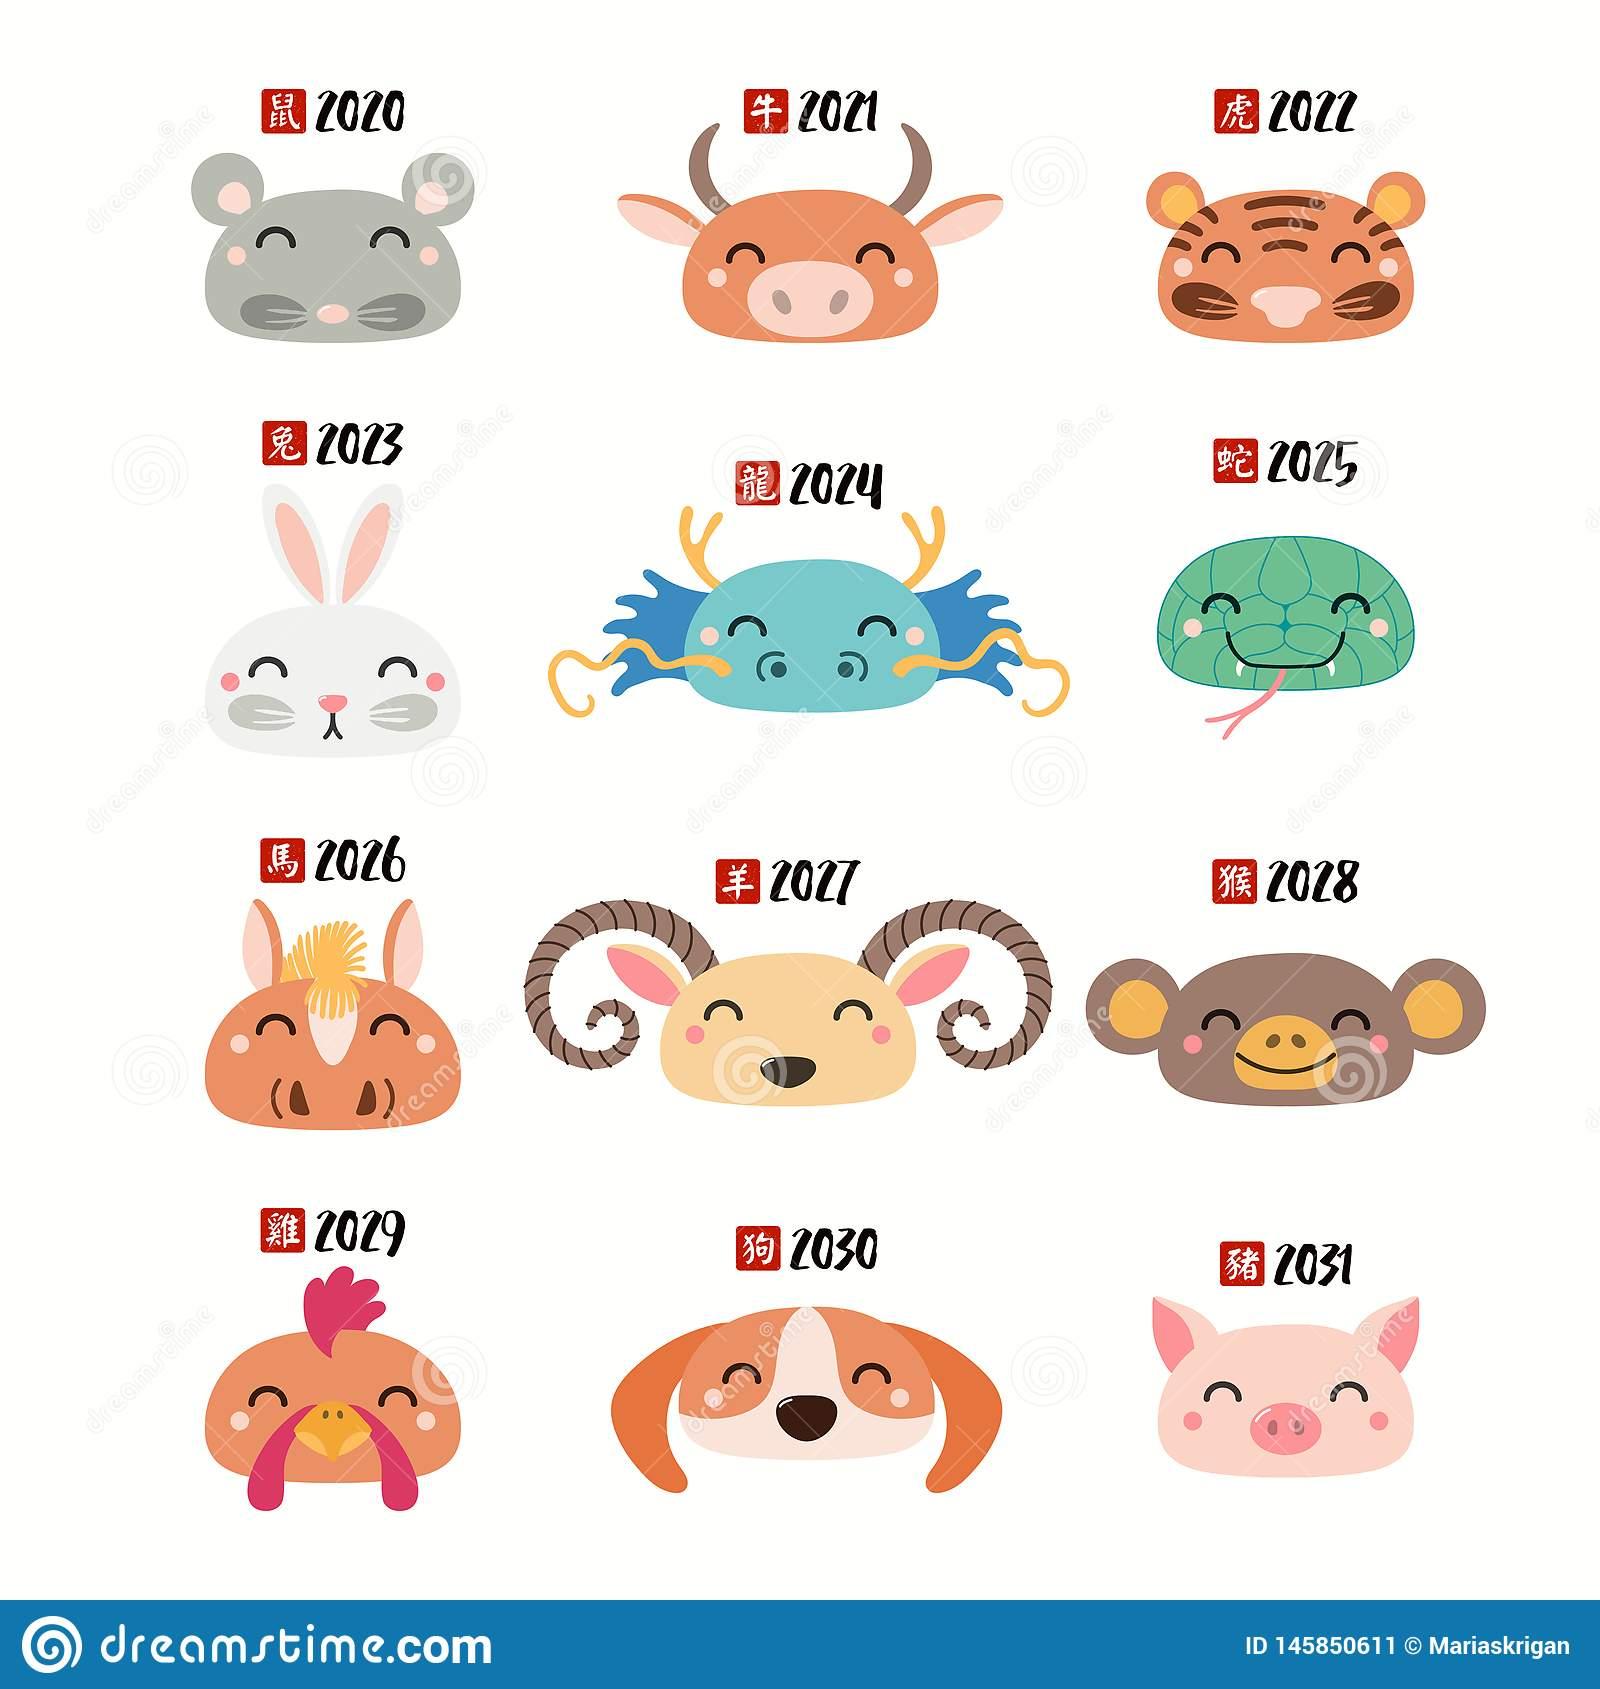 Картинка для Какое ты животное по знаку зодиака